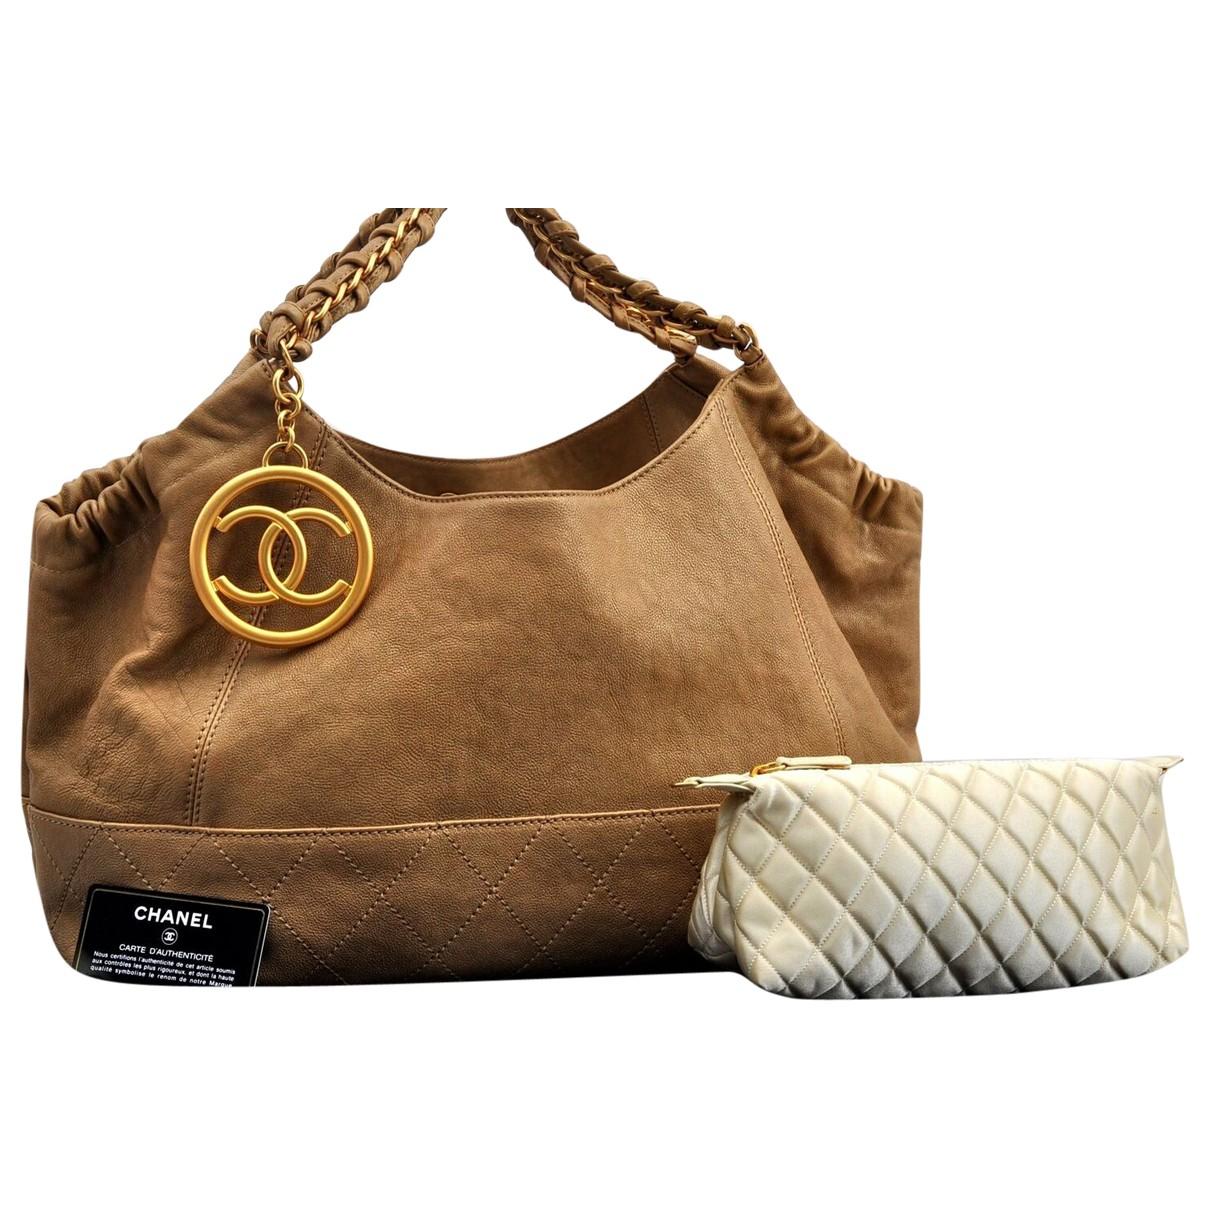 Chanel - Sac a main Coco Cabas pour femme en cuir - dore